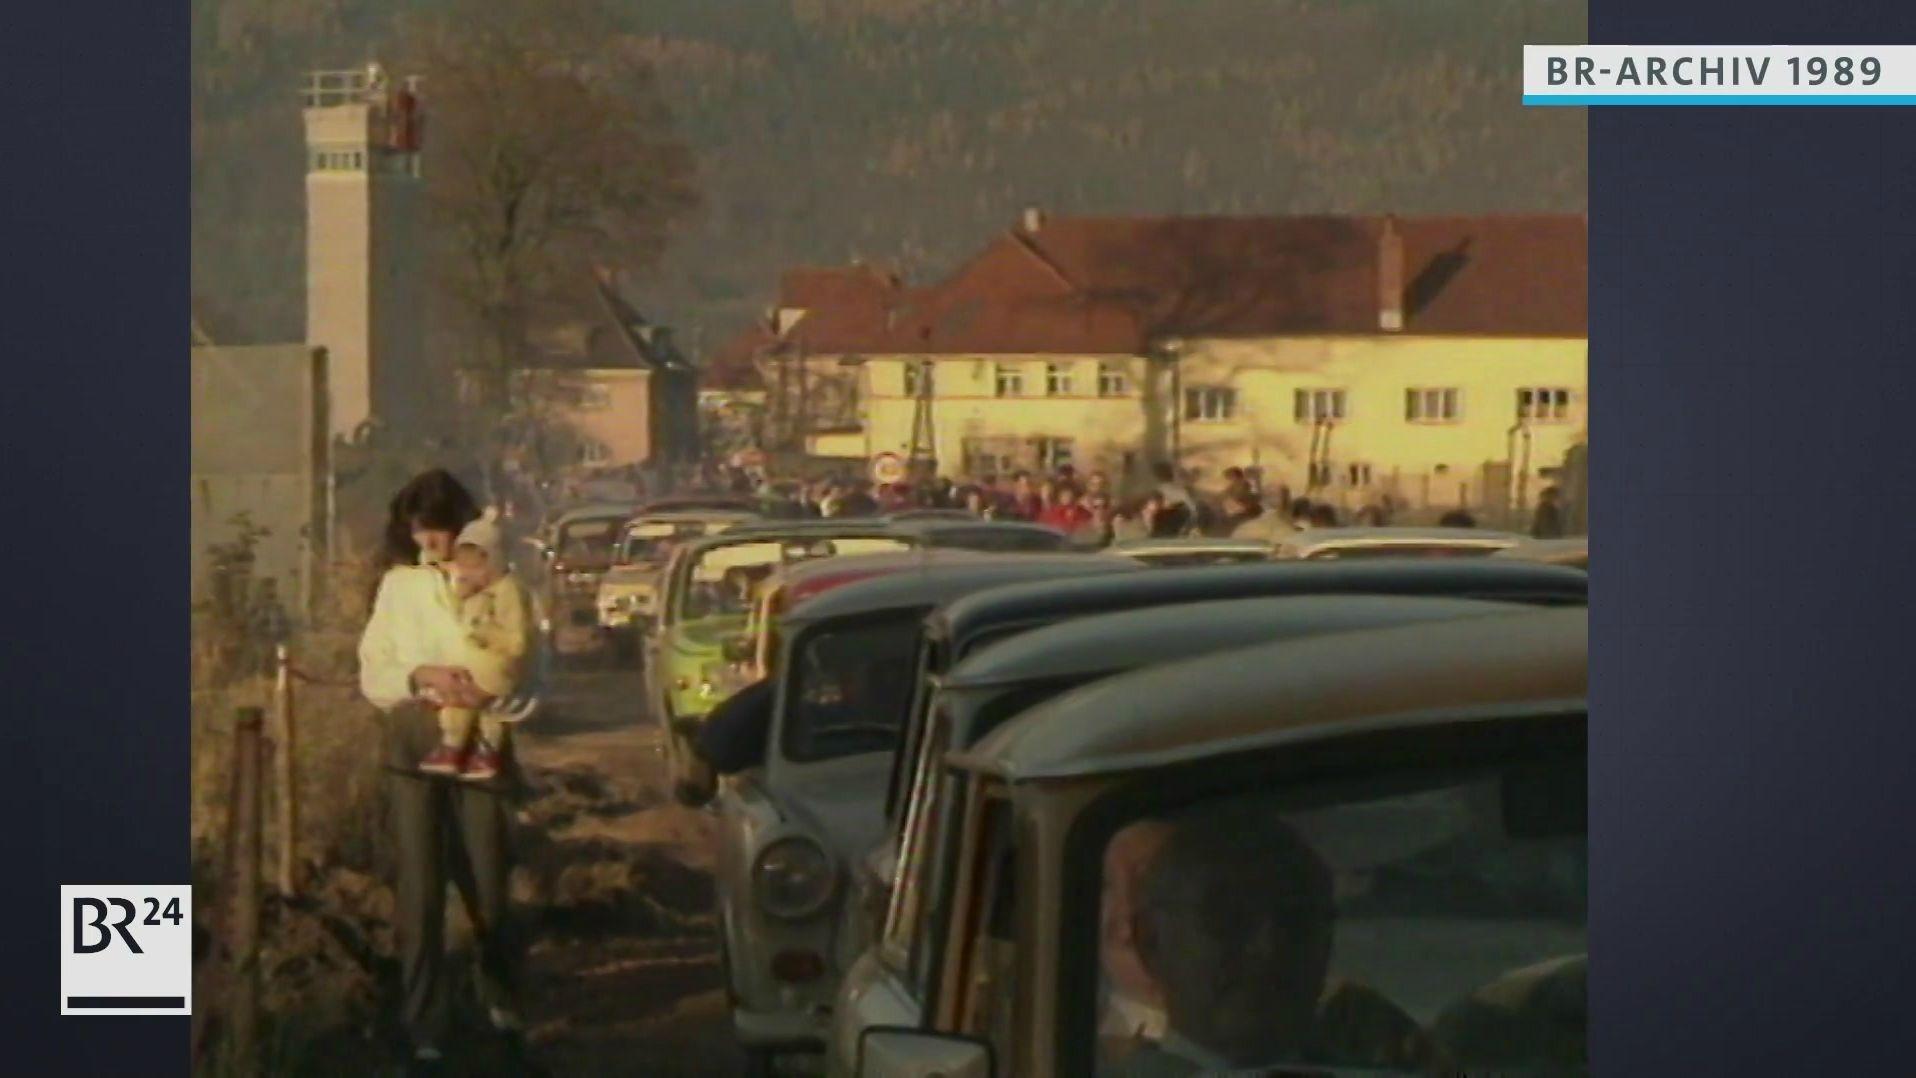 Grenzübergang bei Neustadt Coburg